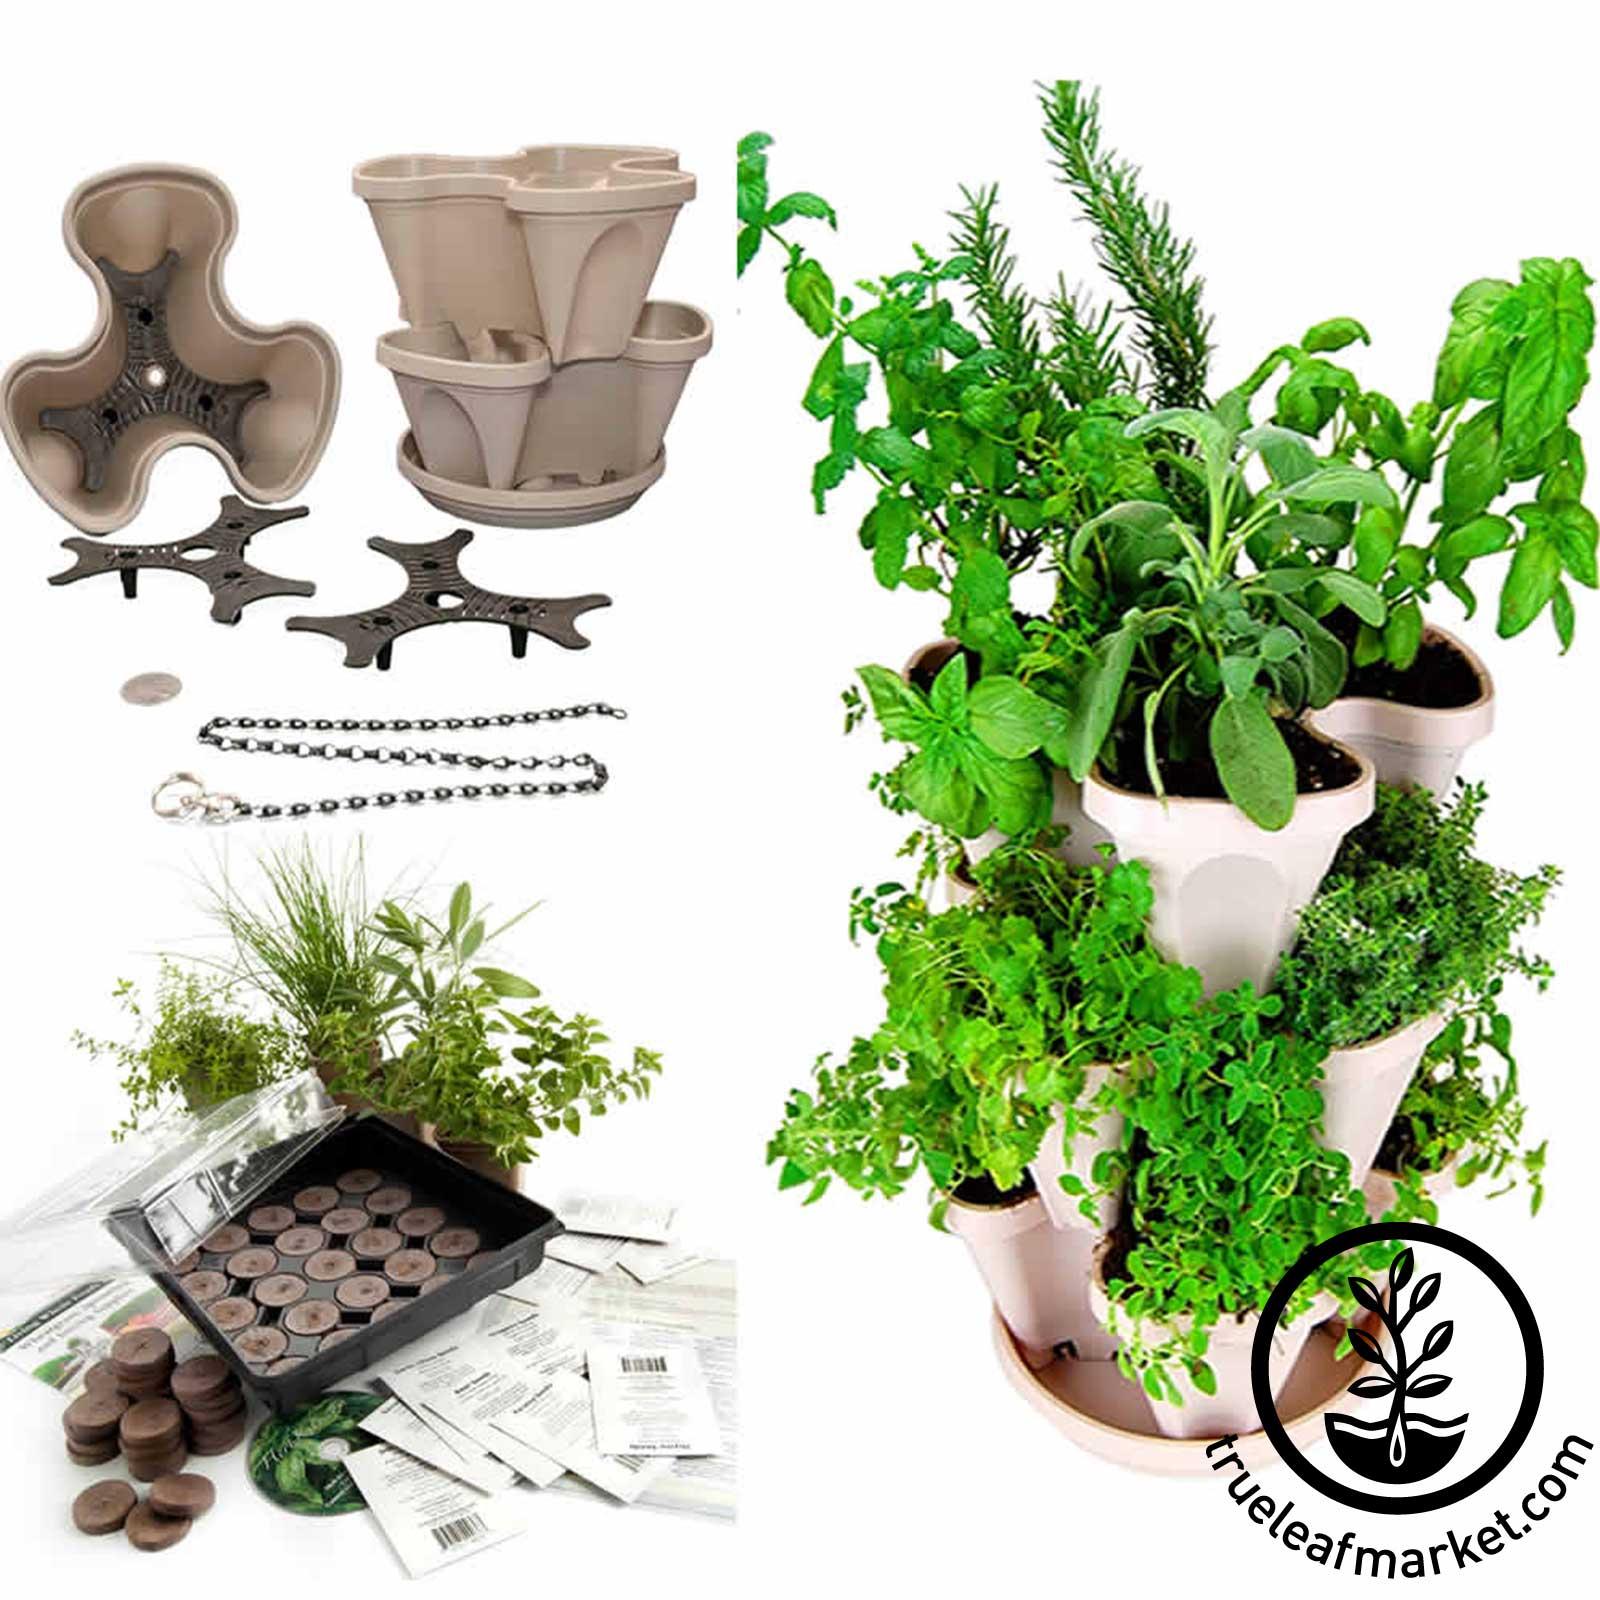 Garden Stacker with The Indoor Medicinal Herb Garden.